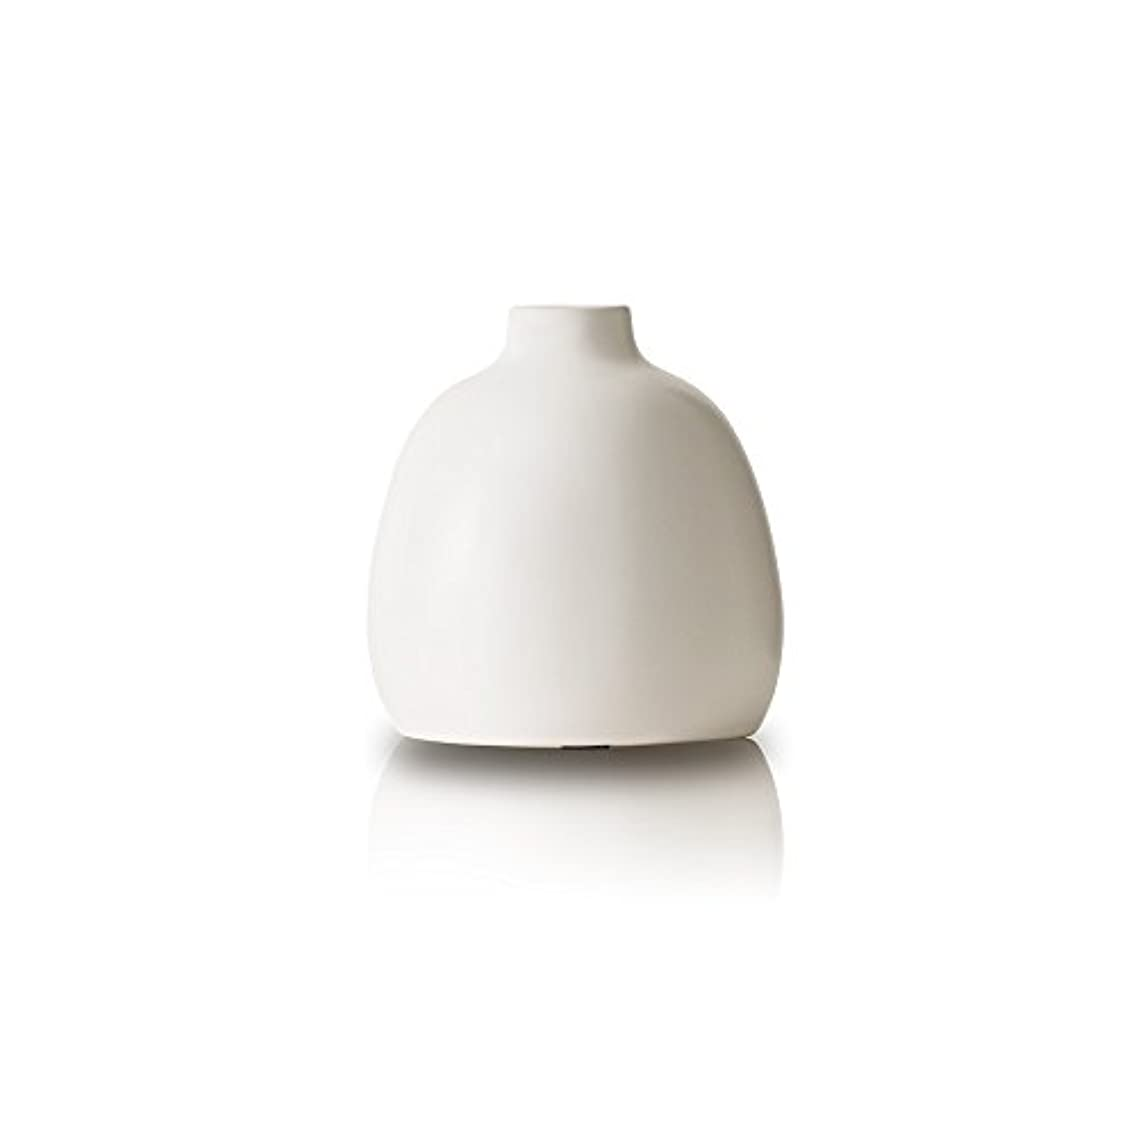 発行風景避けられないOnlili 陶器 アロマディフューザー ホワイト